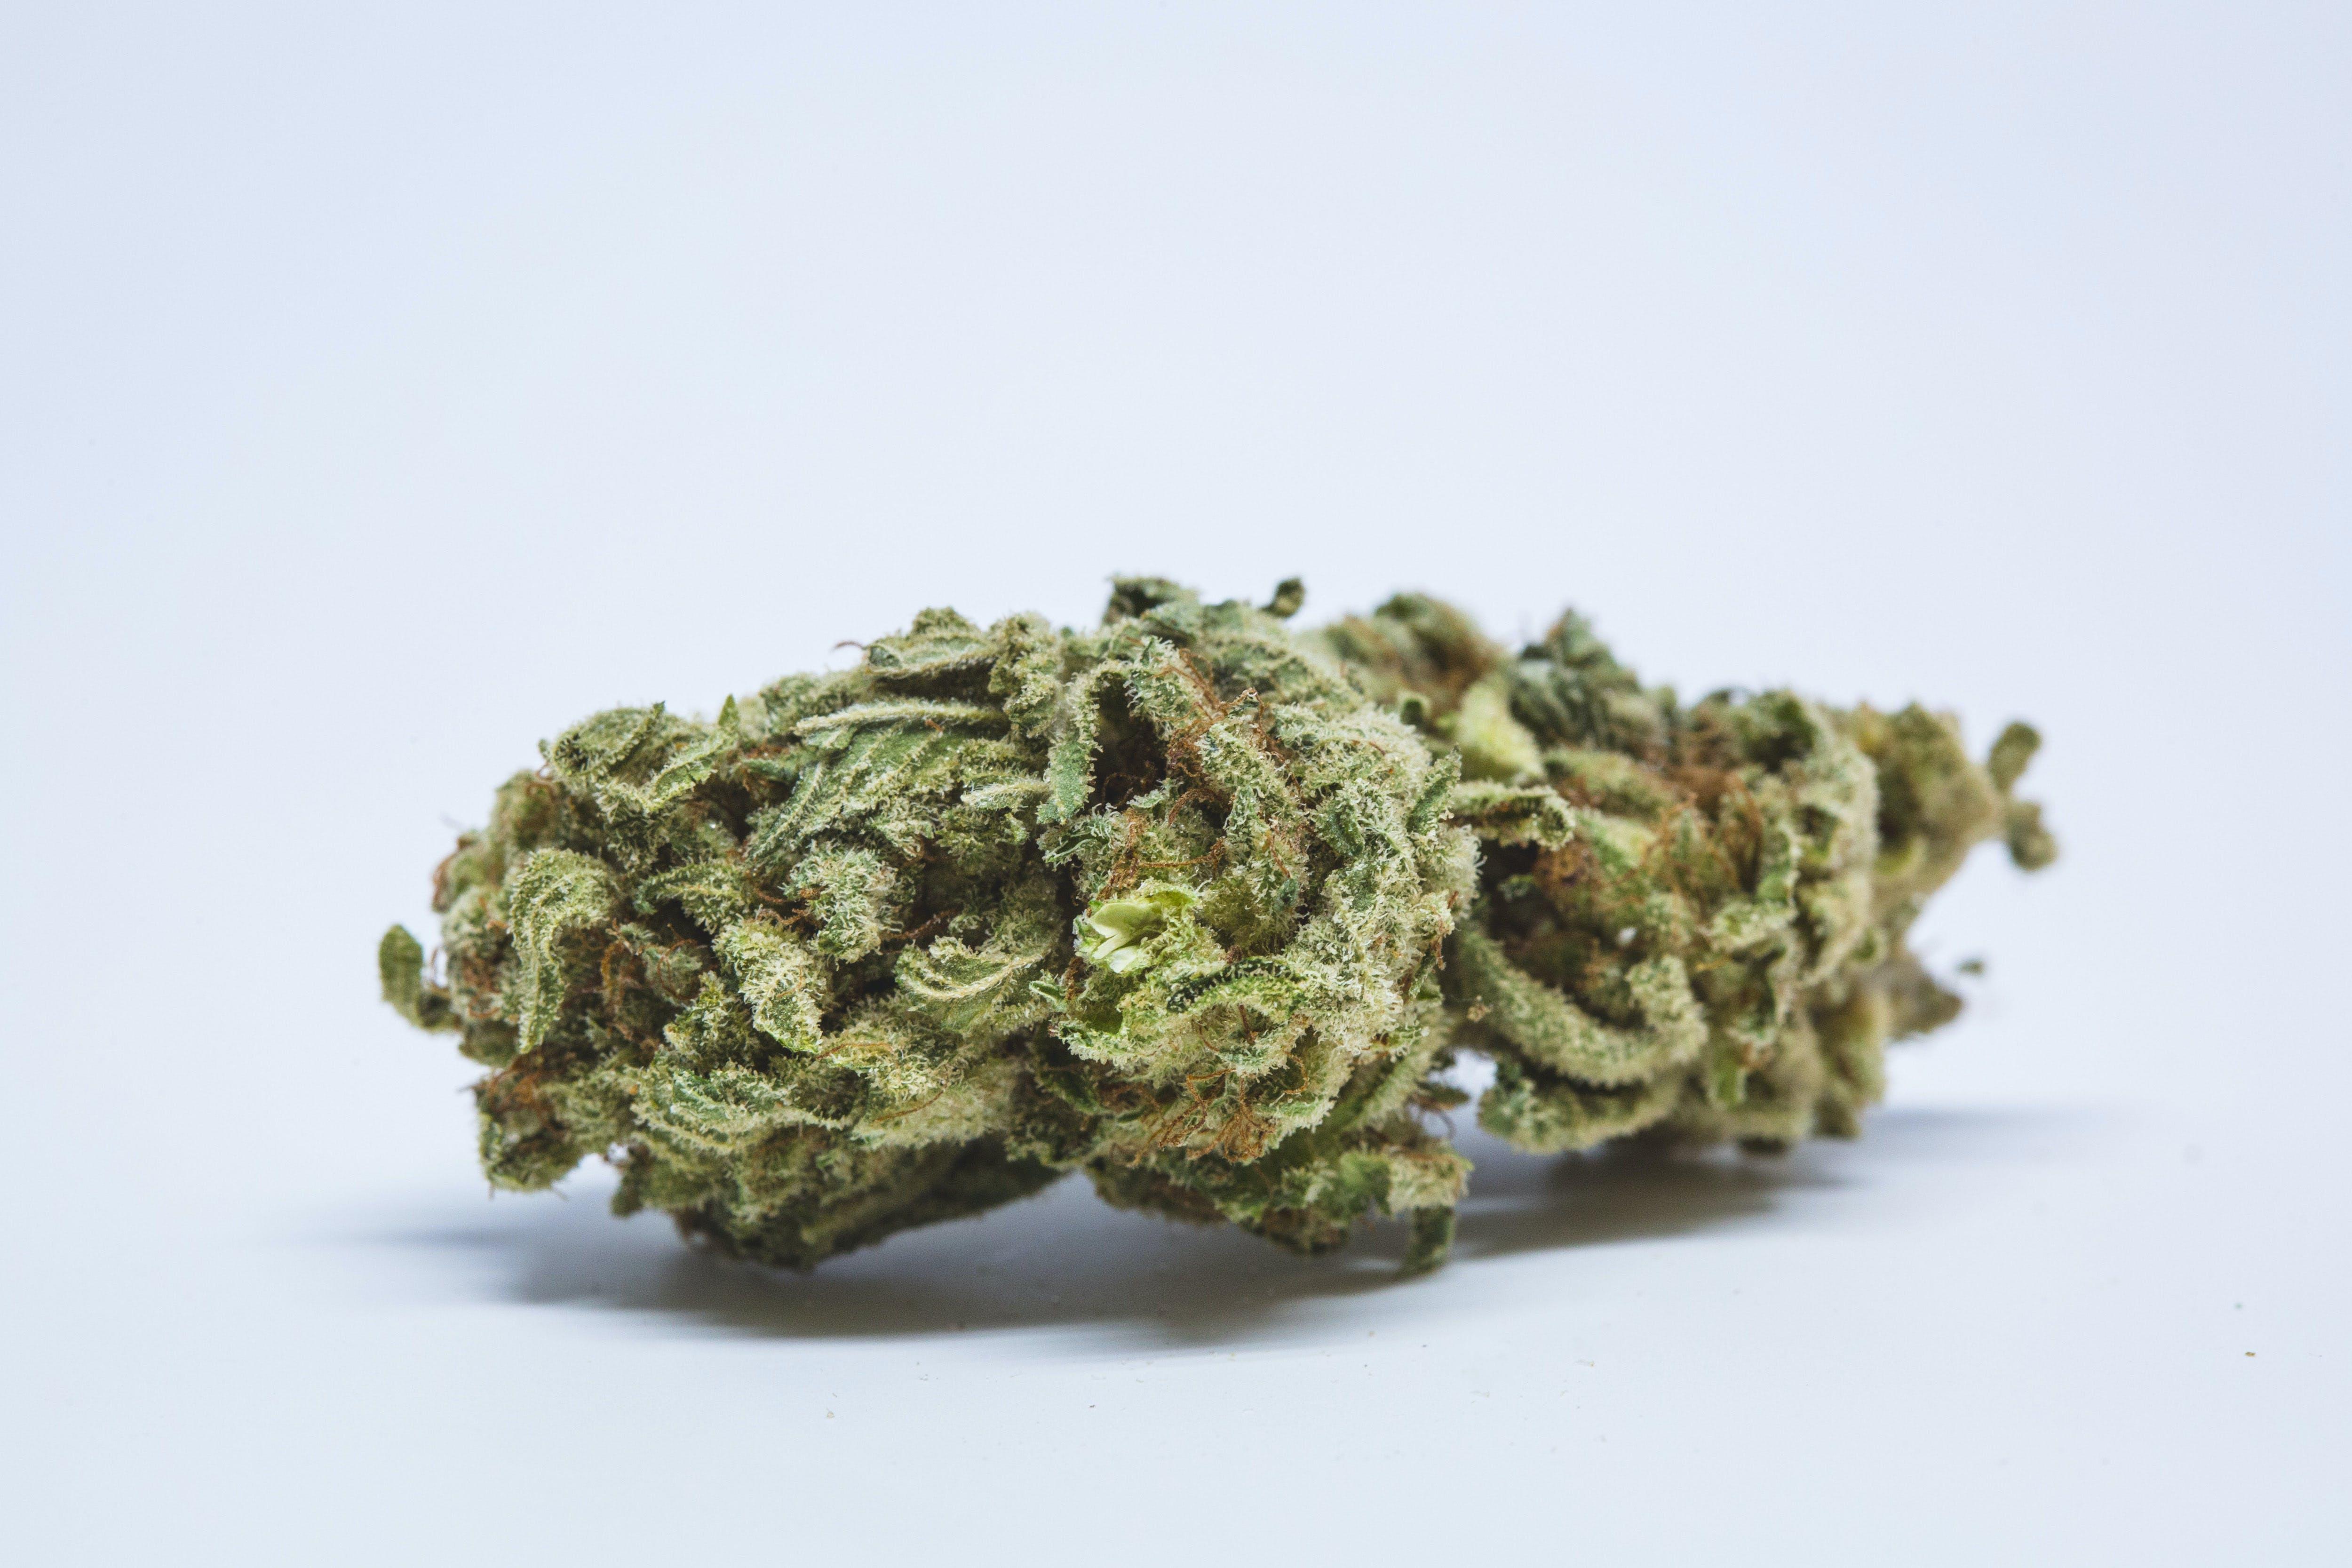 Island Sweet Skunk Weed; Island Sweet Skunk Cannabis Strain; Island Sweet Skunk Sativa Marijuana Strain